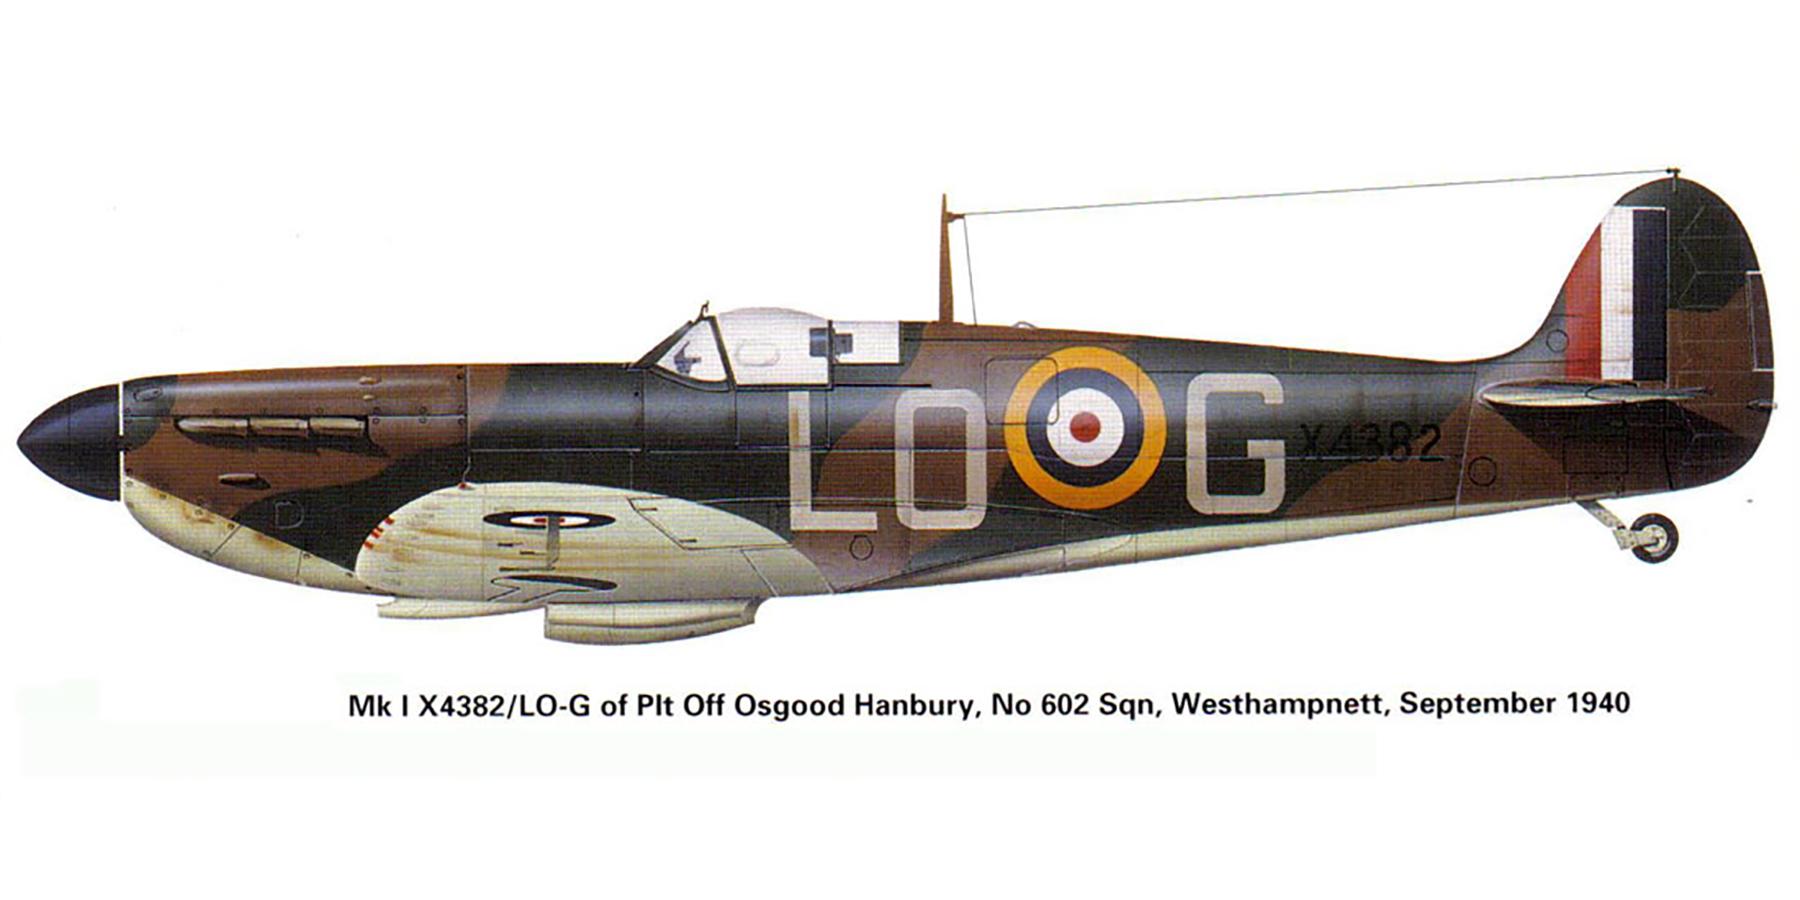 Spitfire MkIa RAF 602Sqn LOG Osgood Hanbury X4382 Westhampnett Sep 1940 0A